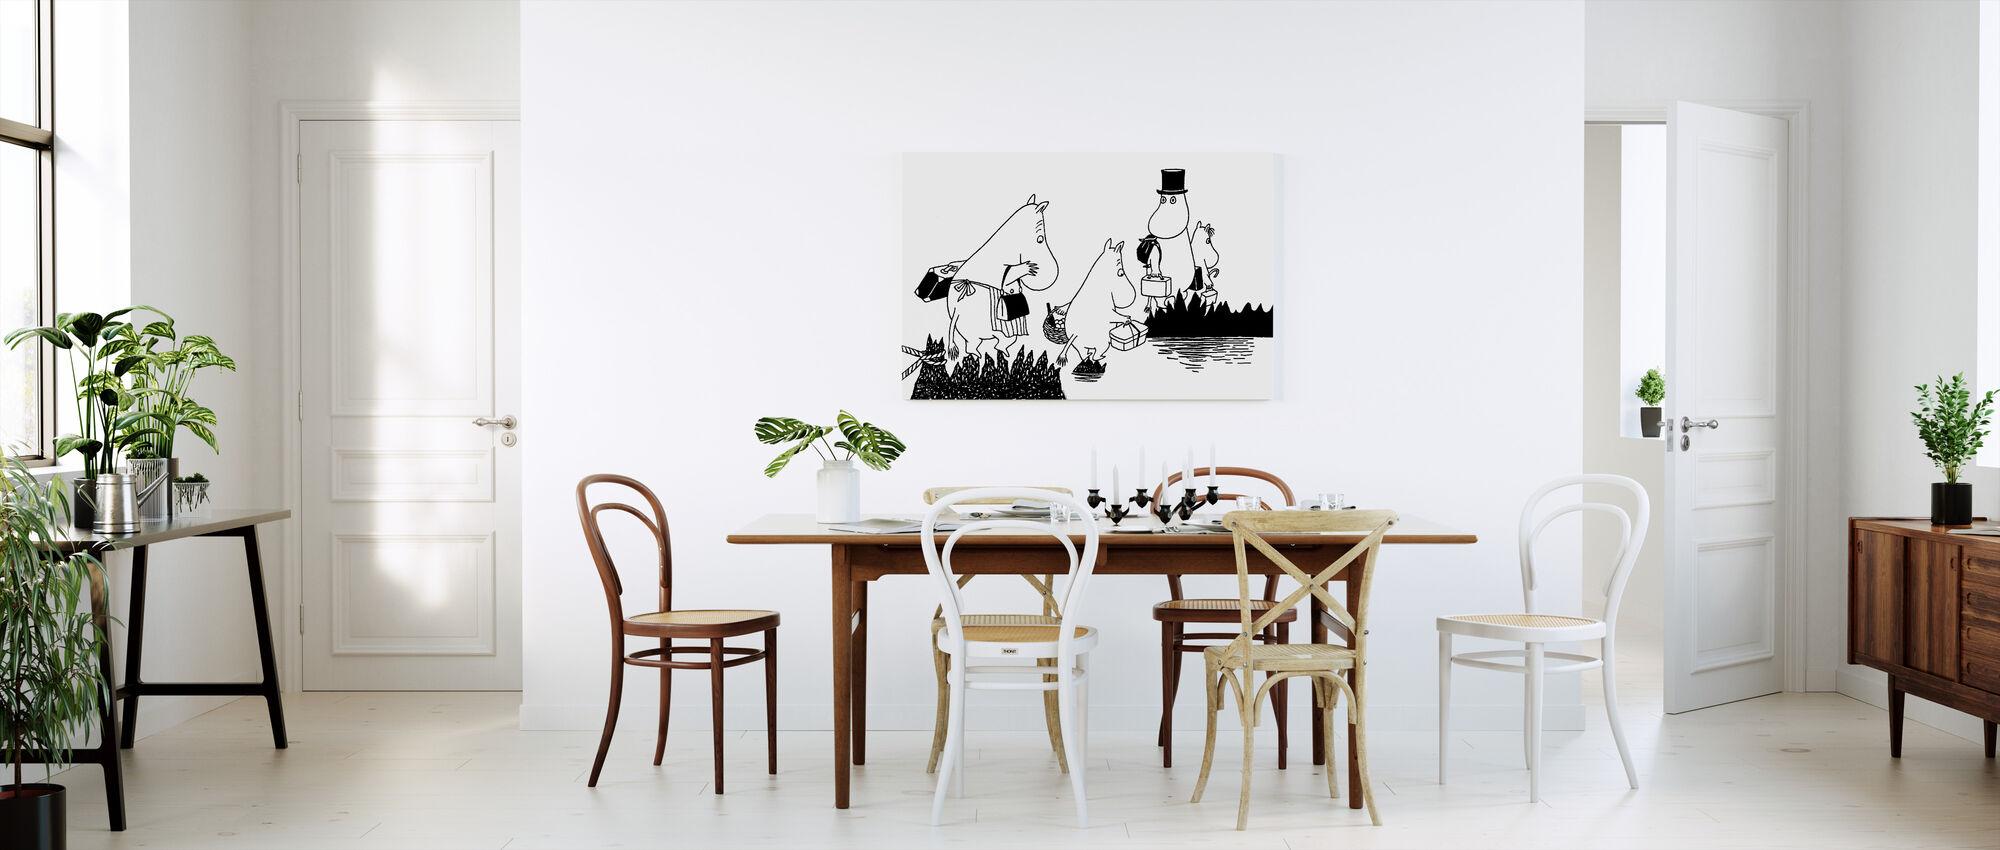 Muomin Familie - Billede på lærred - Køkken